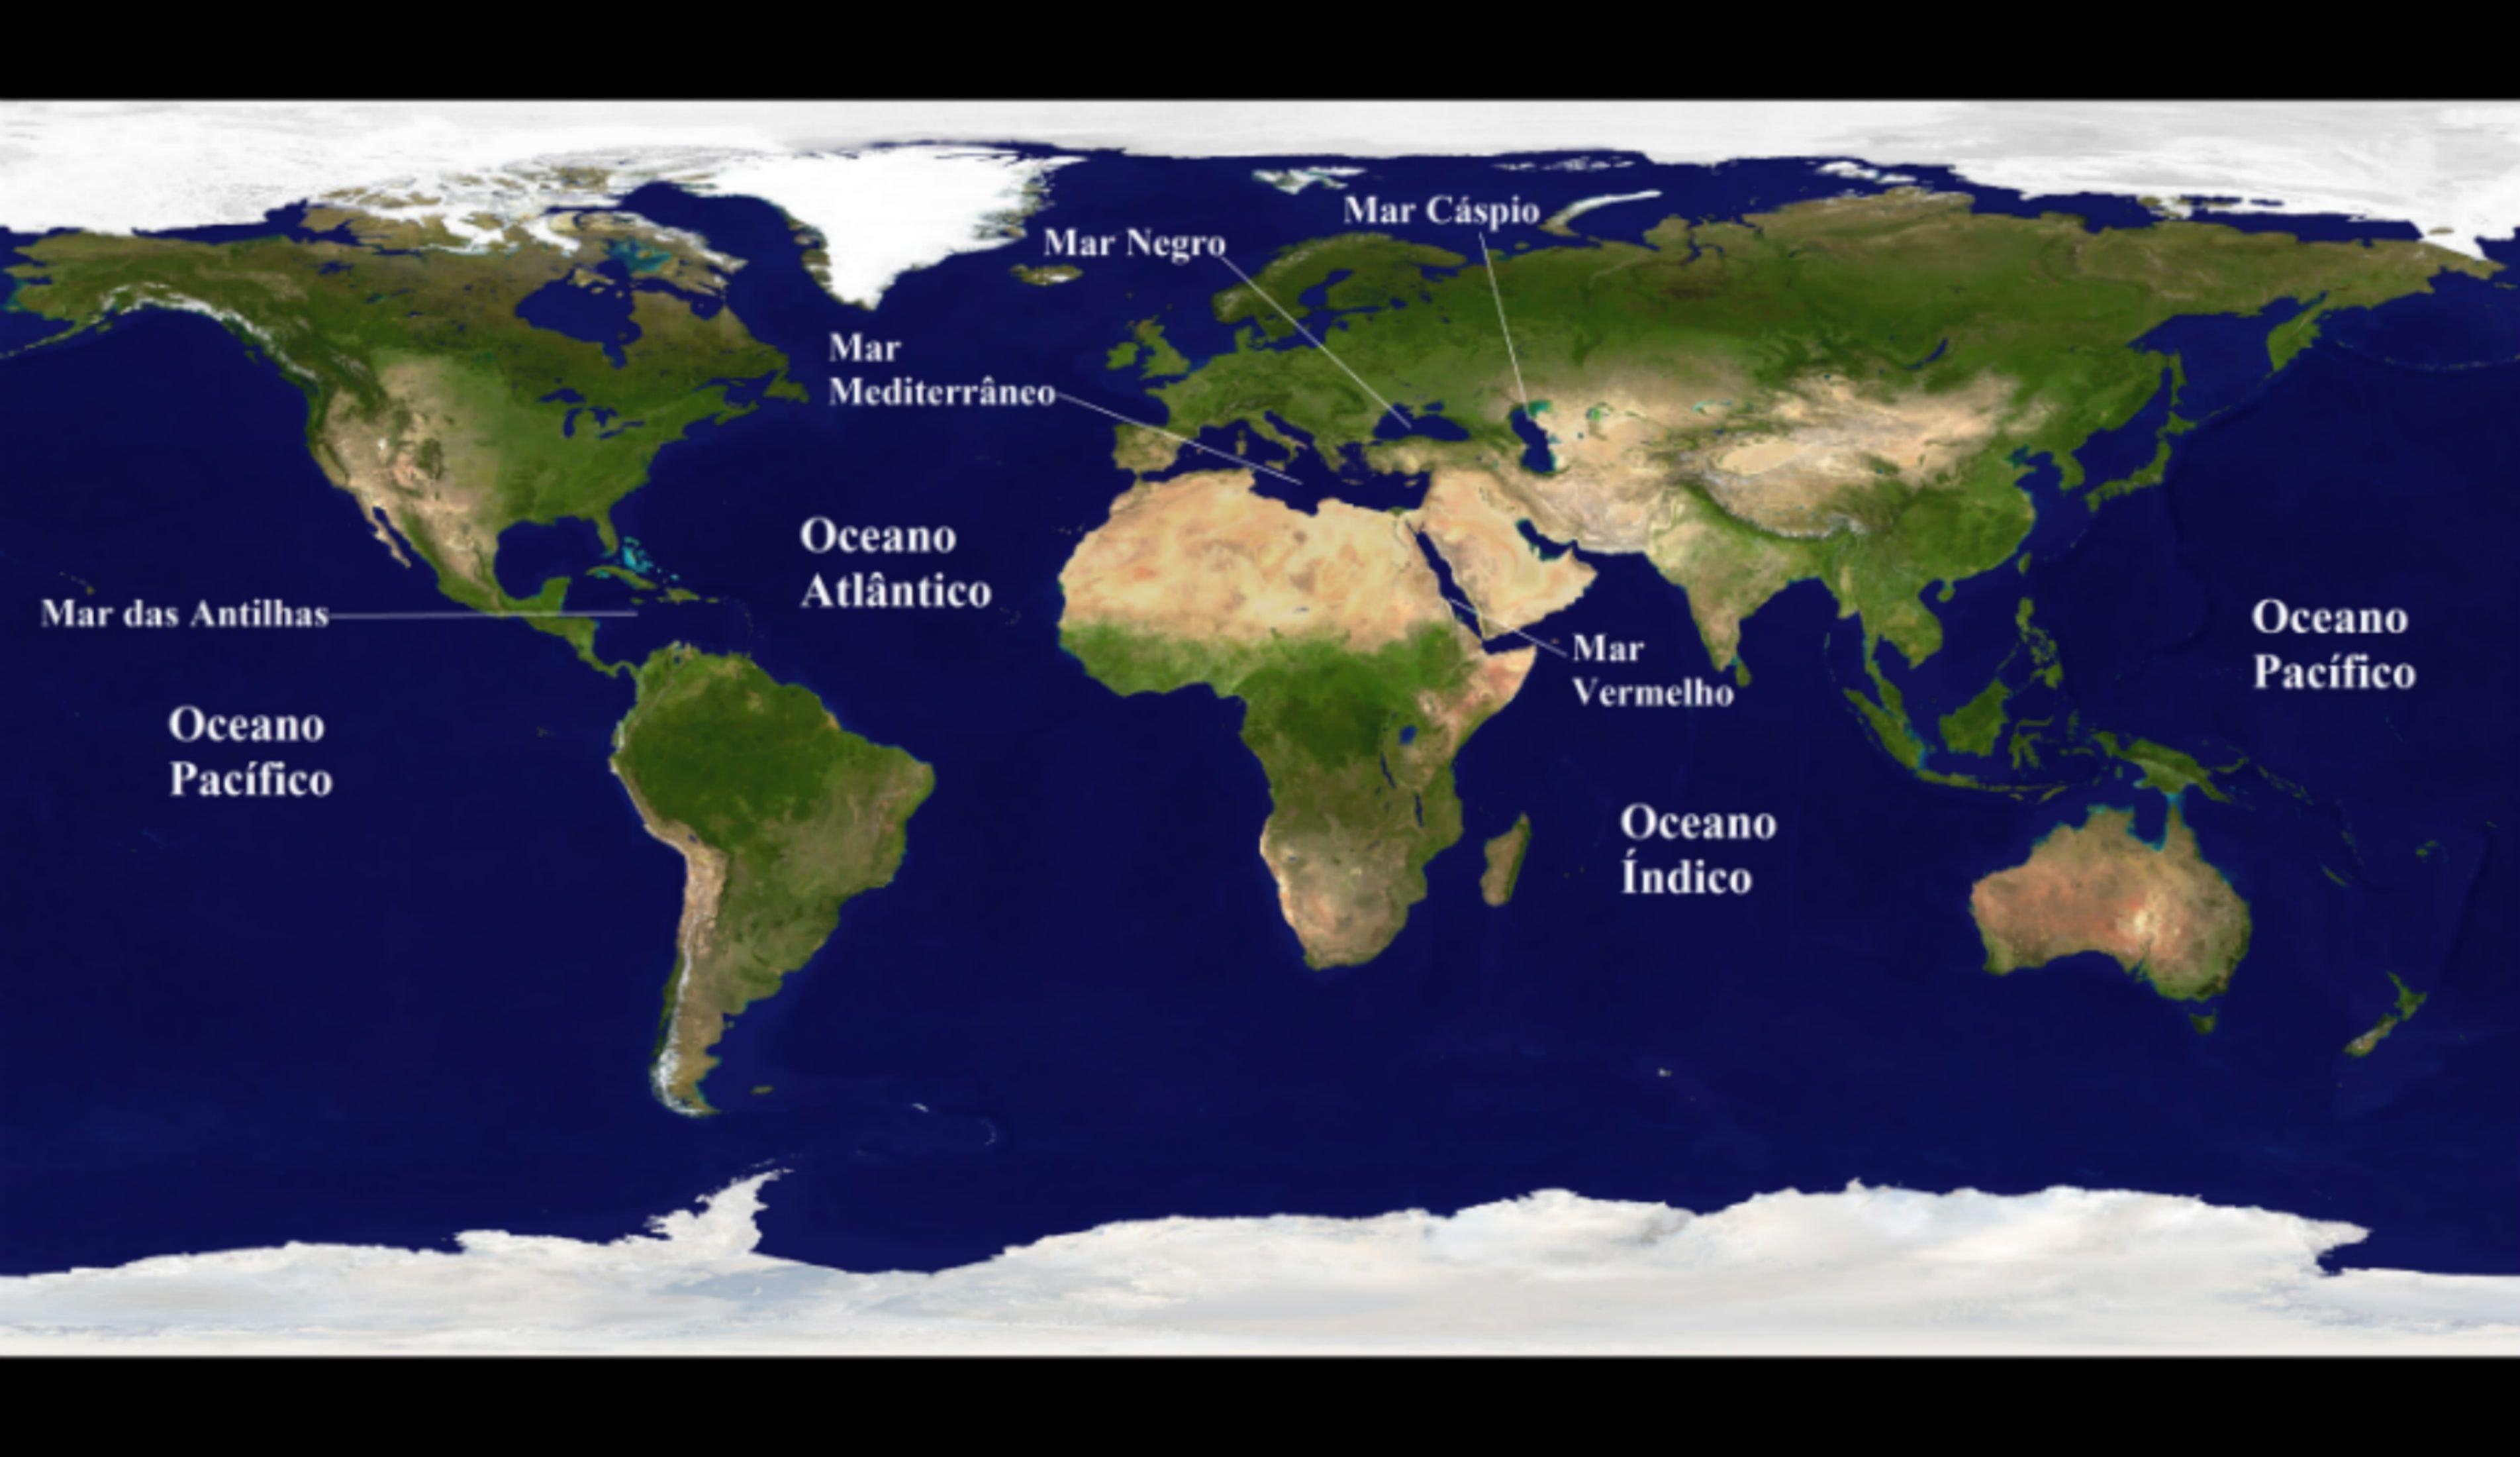 Mares e Oceanos do Mundo  Toda Matria